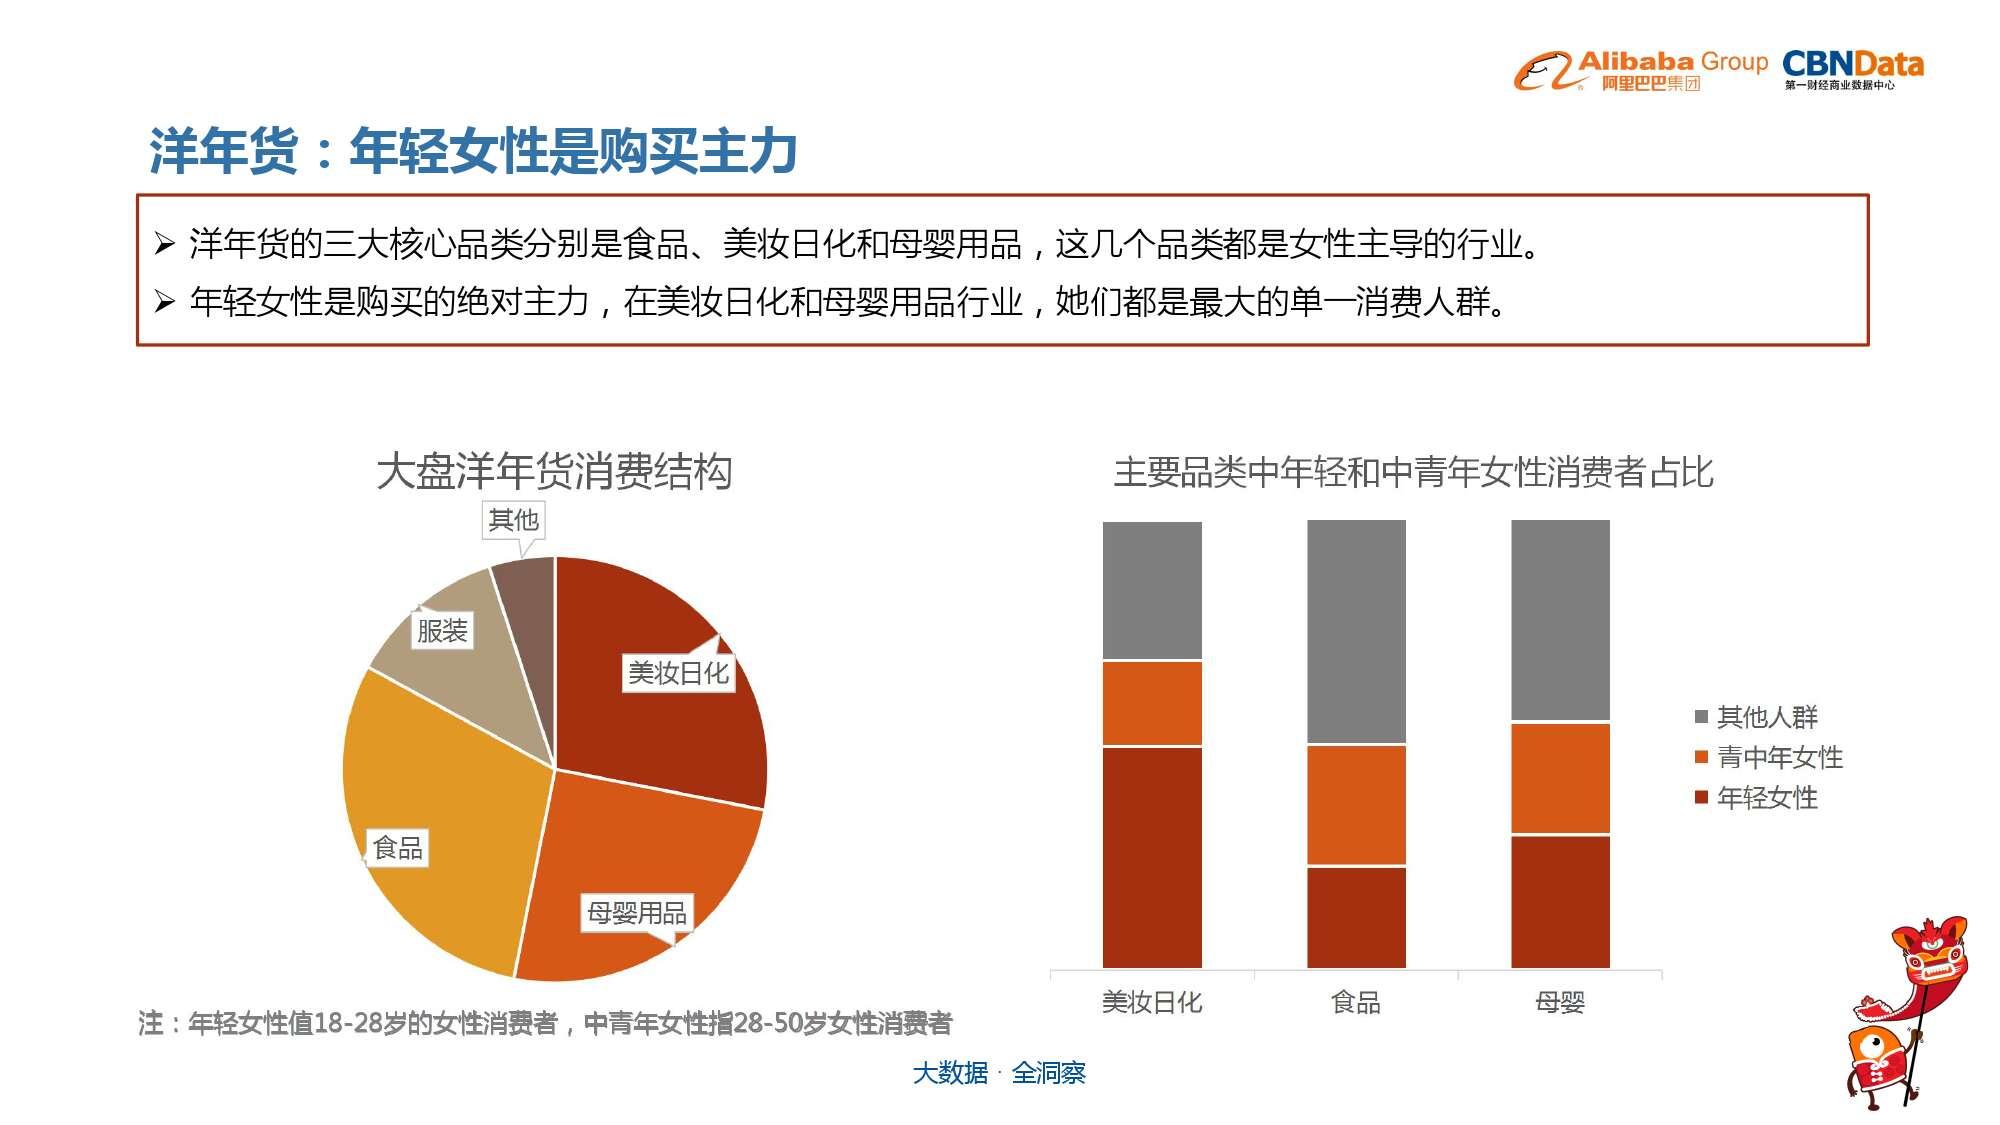 中国年货大数据报告_000024